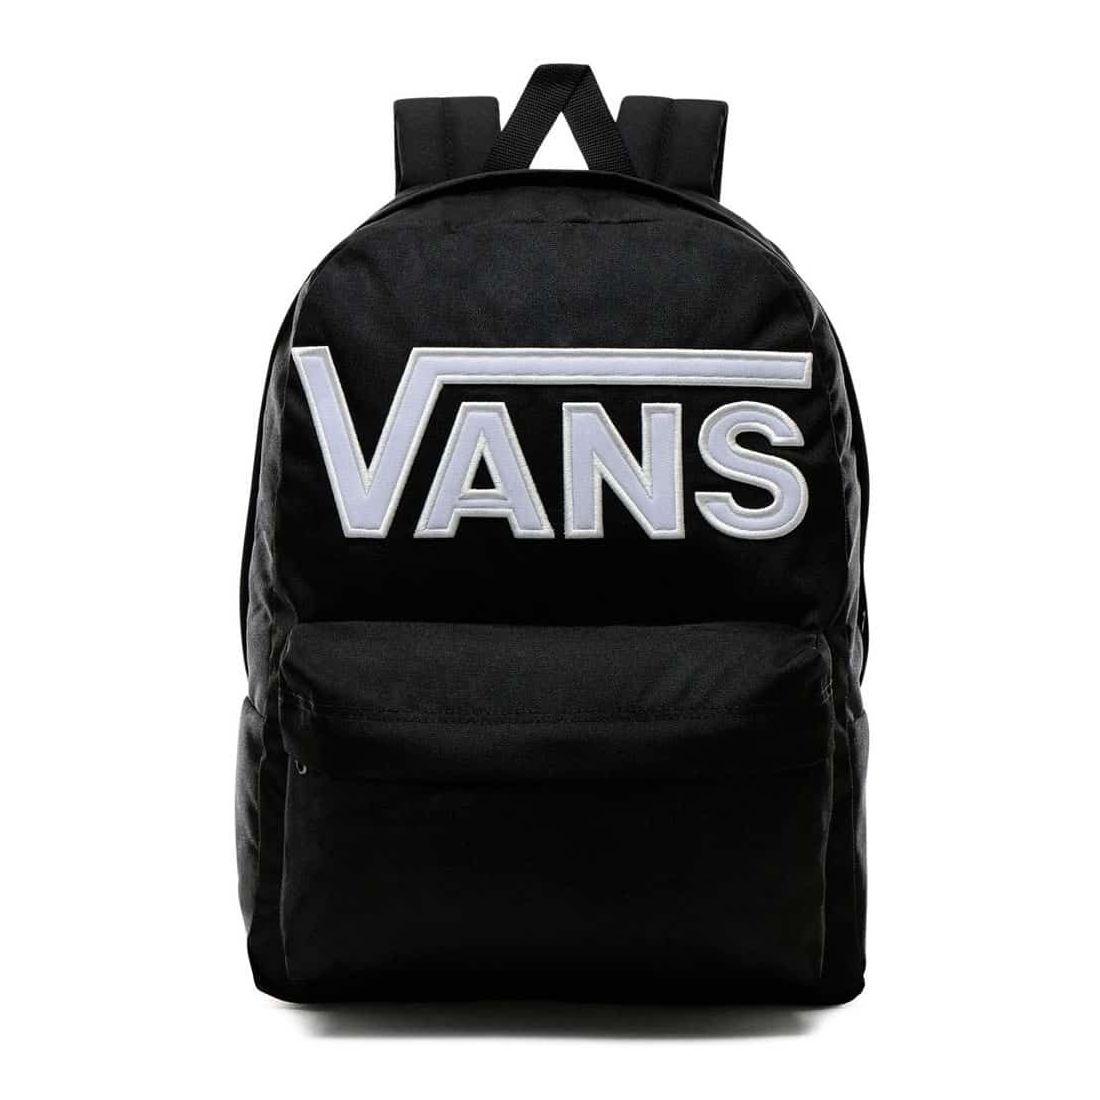 Vans Backpack Old Skool III - Backpacks - Bags